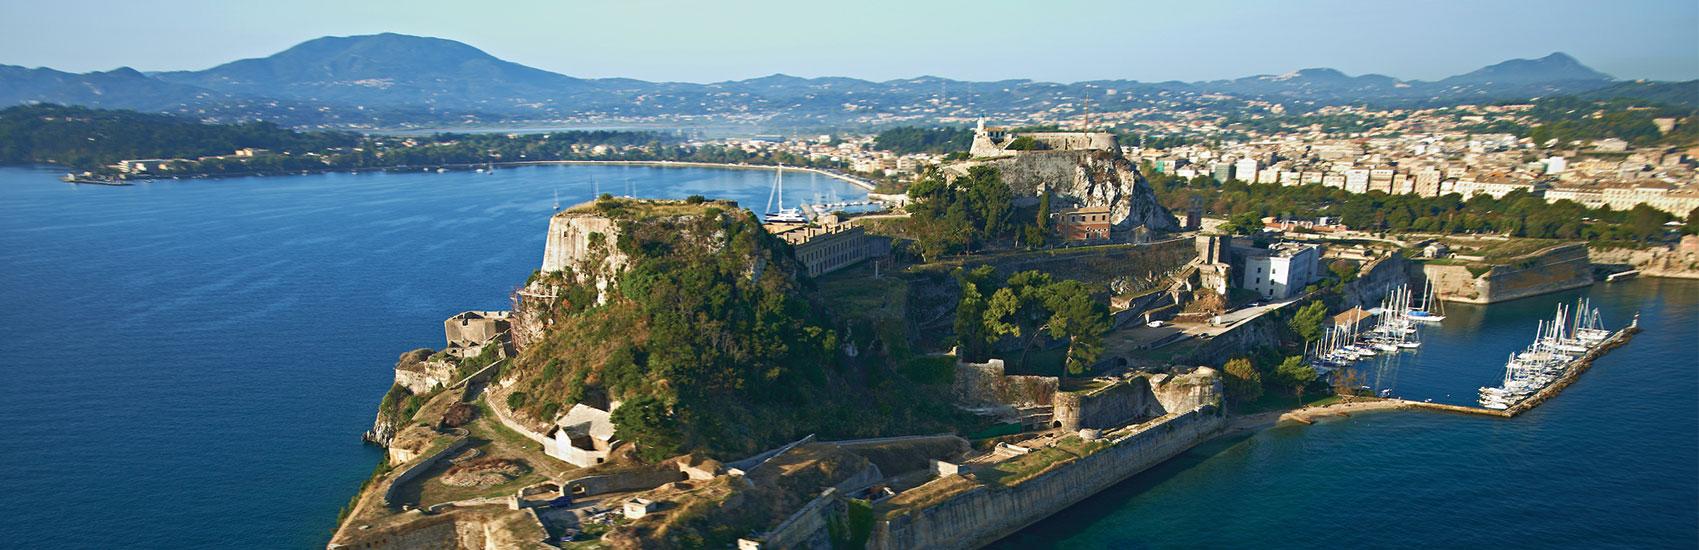 Économies en prime et vol gratuit à destination de la Méditerranée avec Silversea Cruises 1